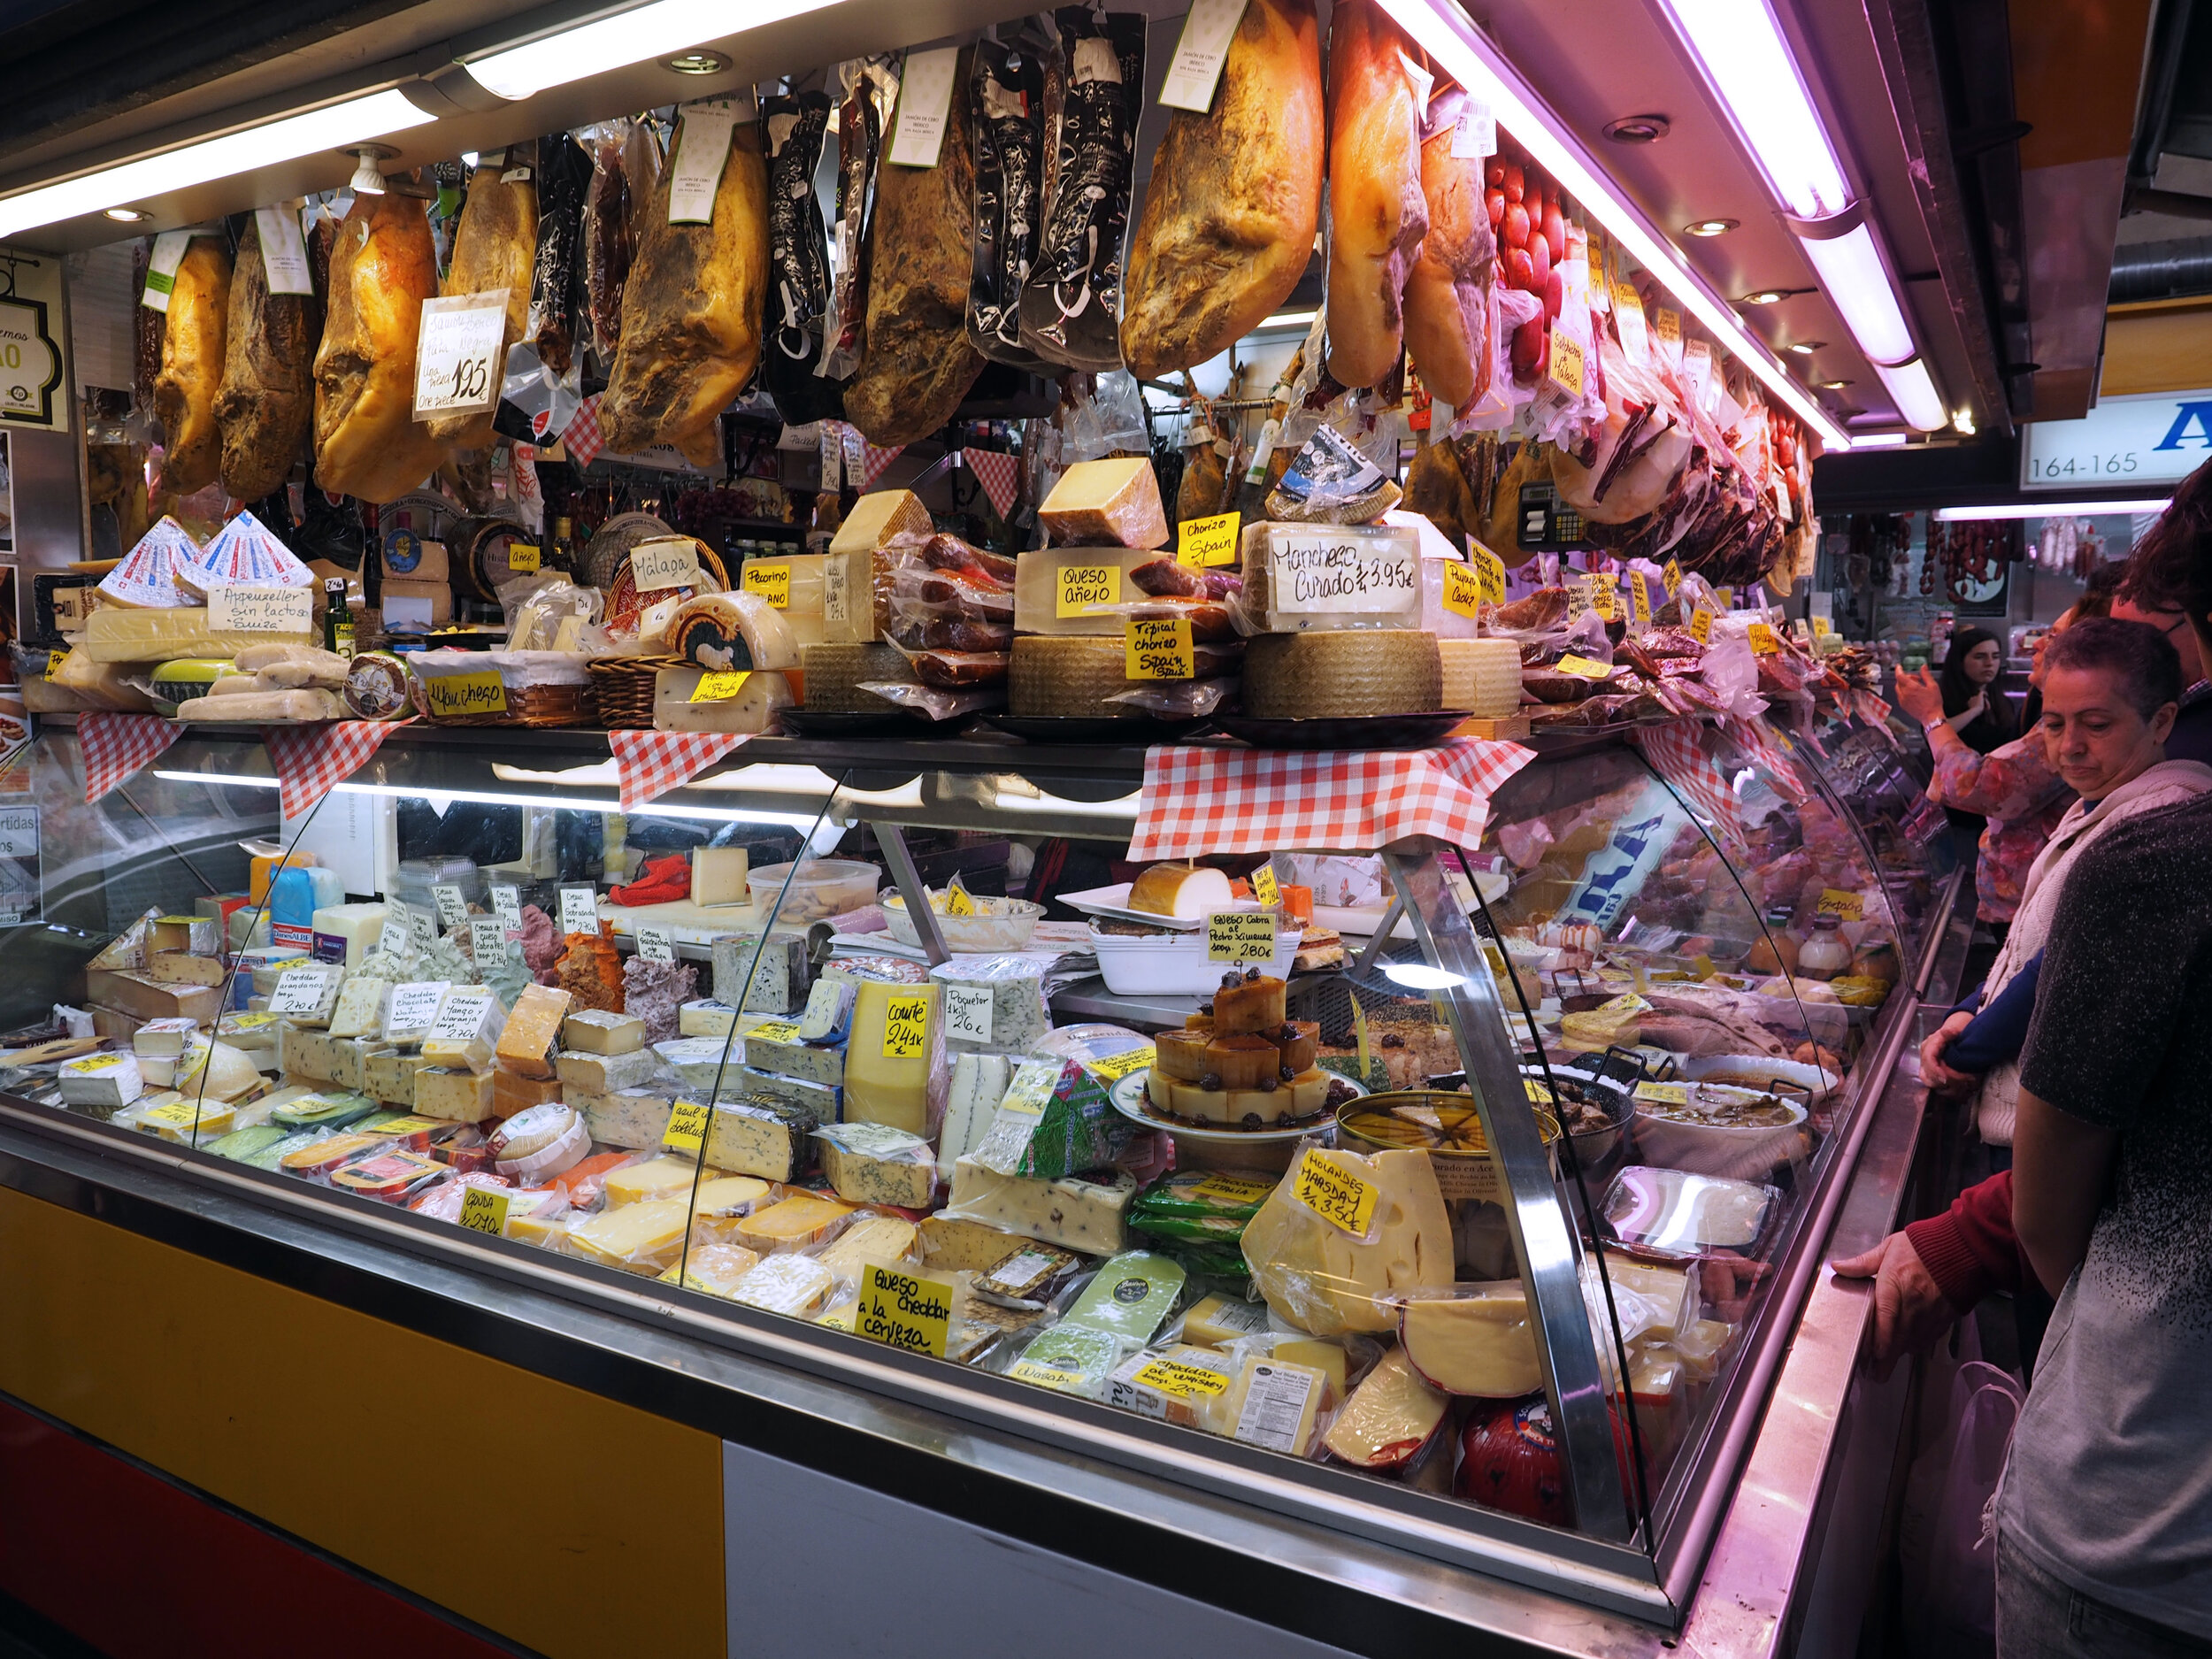 Salchichón de Málaga and Spanish charcuterie at the Malaga market